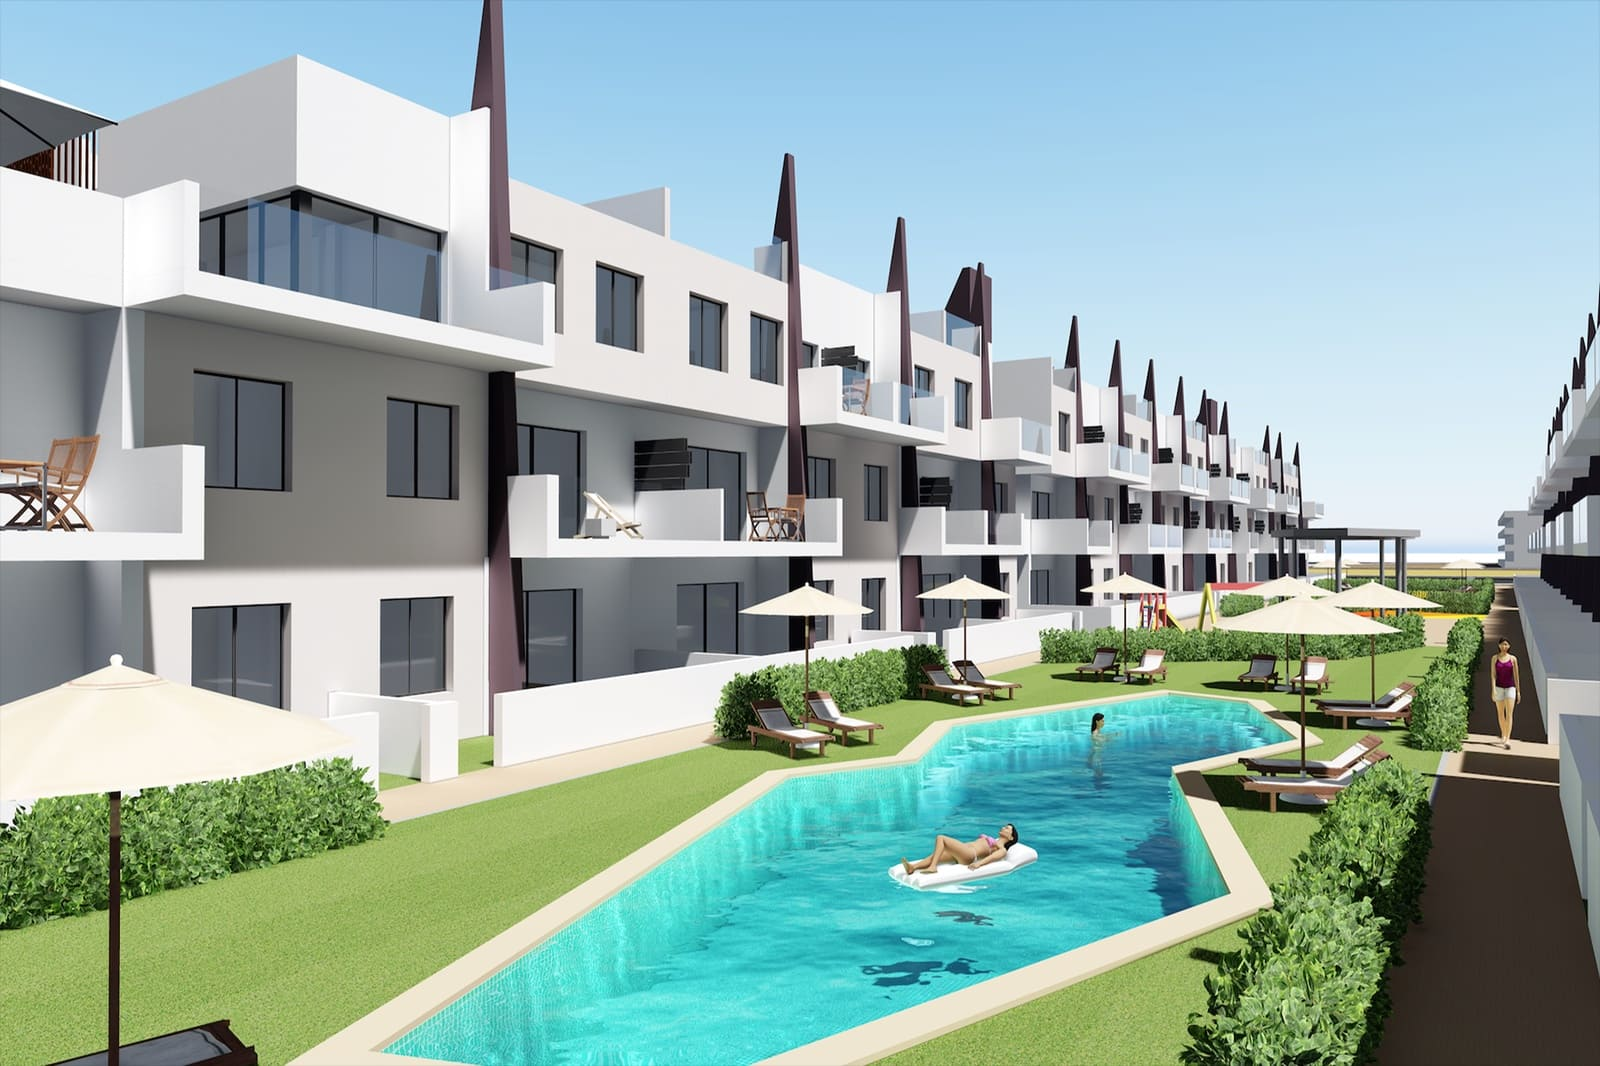 Apartamento de 3 habitaciones en Pilar de la Horadada en venta con piscina - 299.900 € (Ref: 4485798)